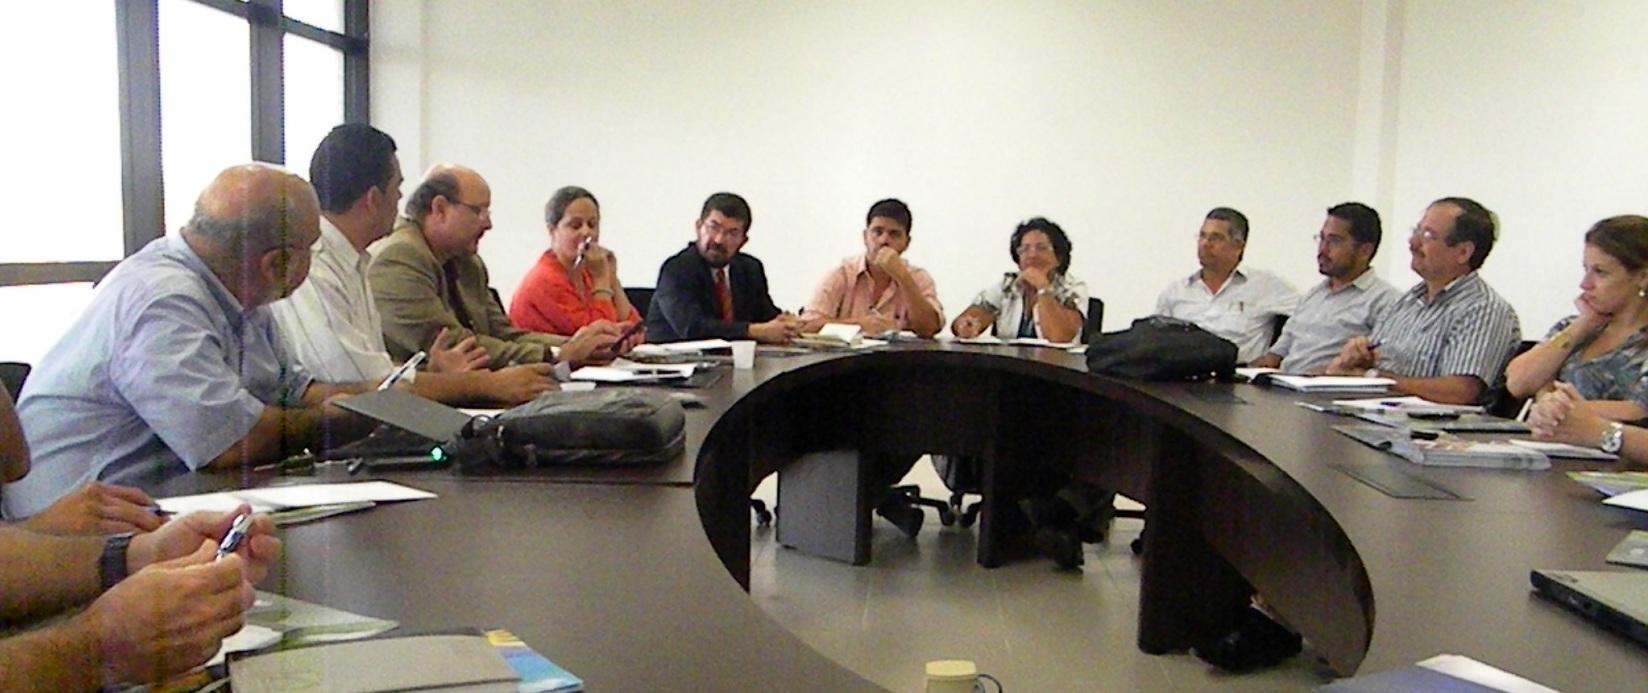 O IEL PE conta com a Factta para implementar seu programa de inovação na indústria.